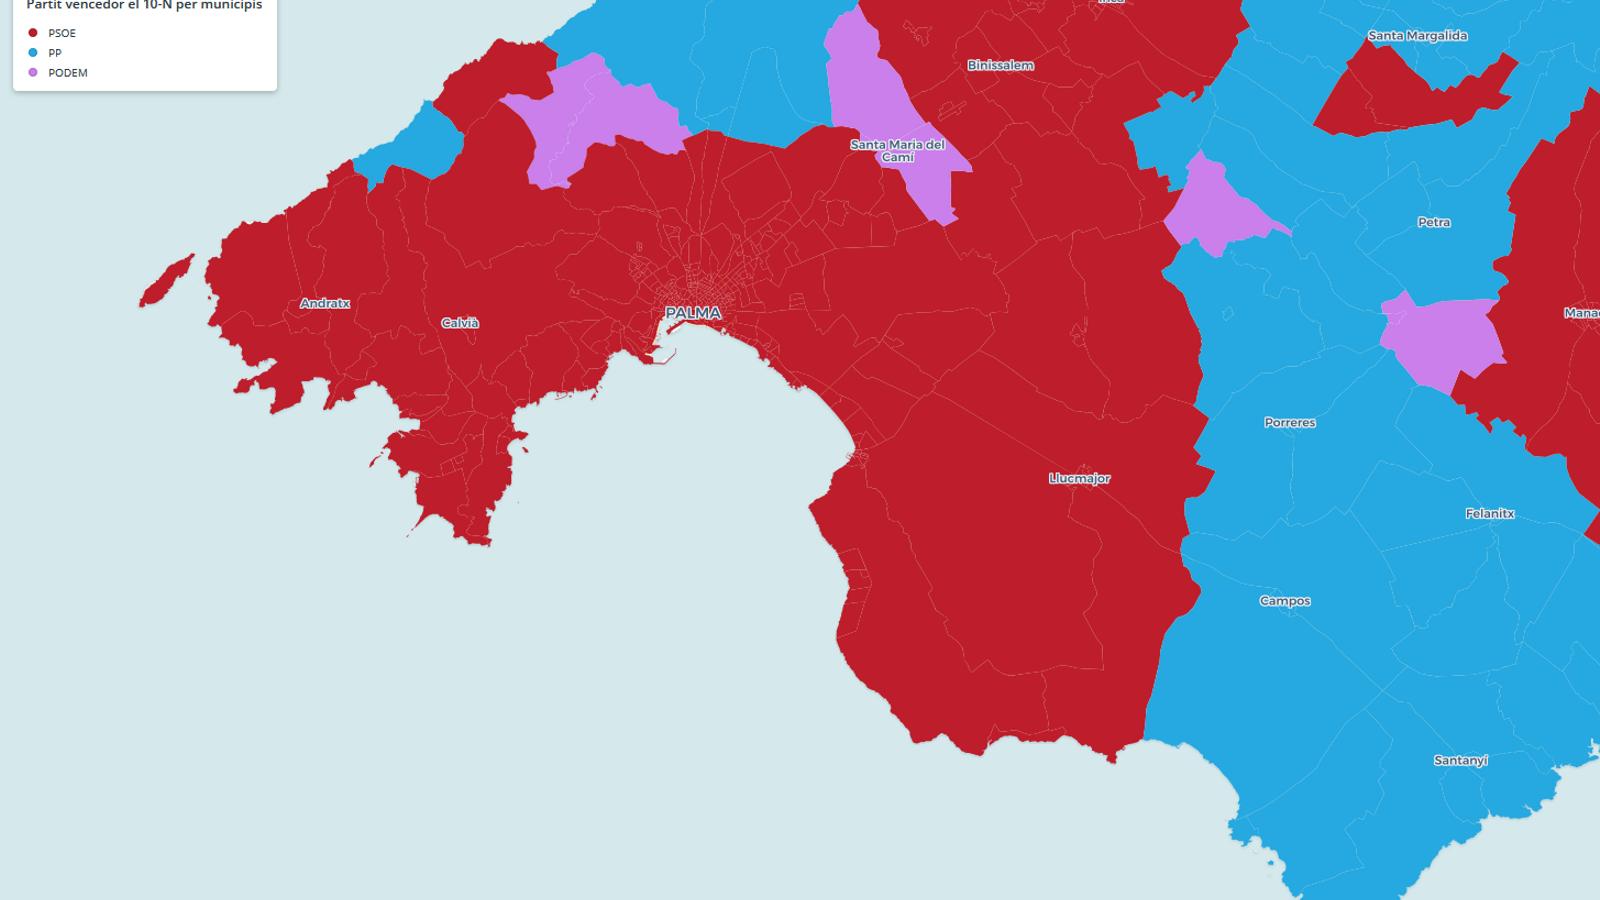 Captura de pantalla del mapa del guanyador del 10-N per municipis a les Balears